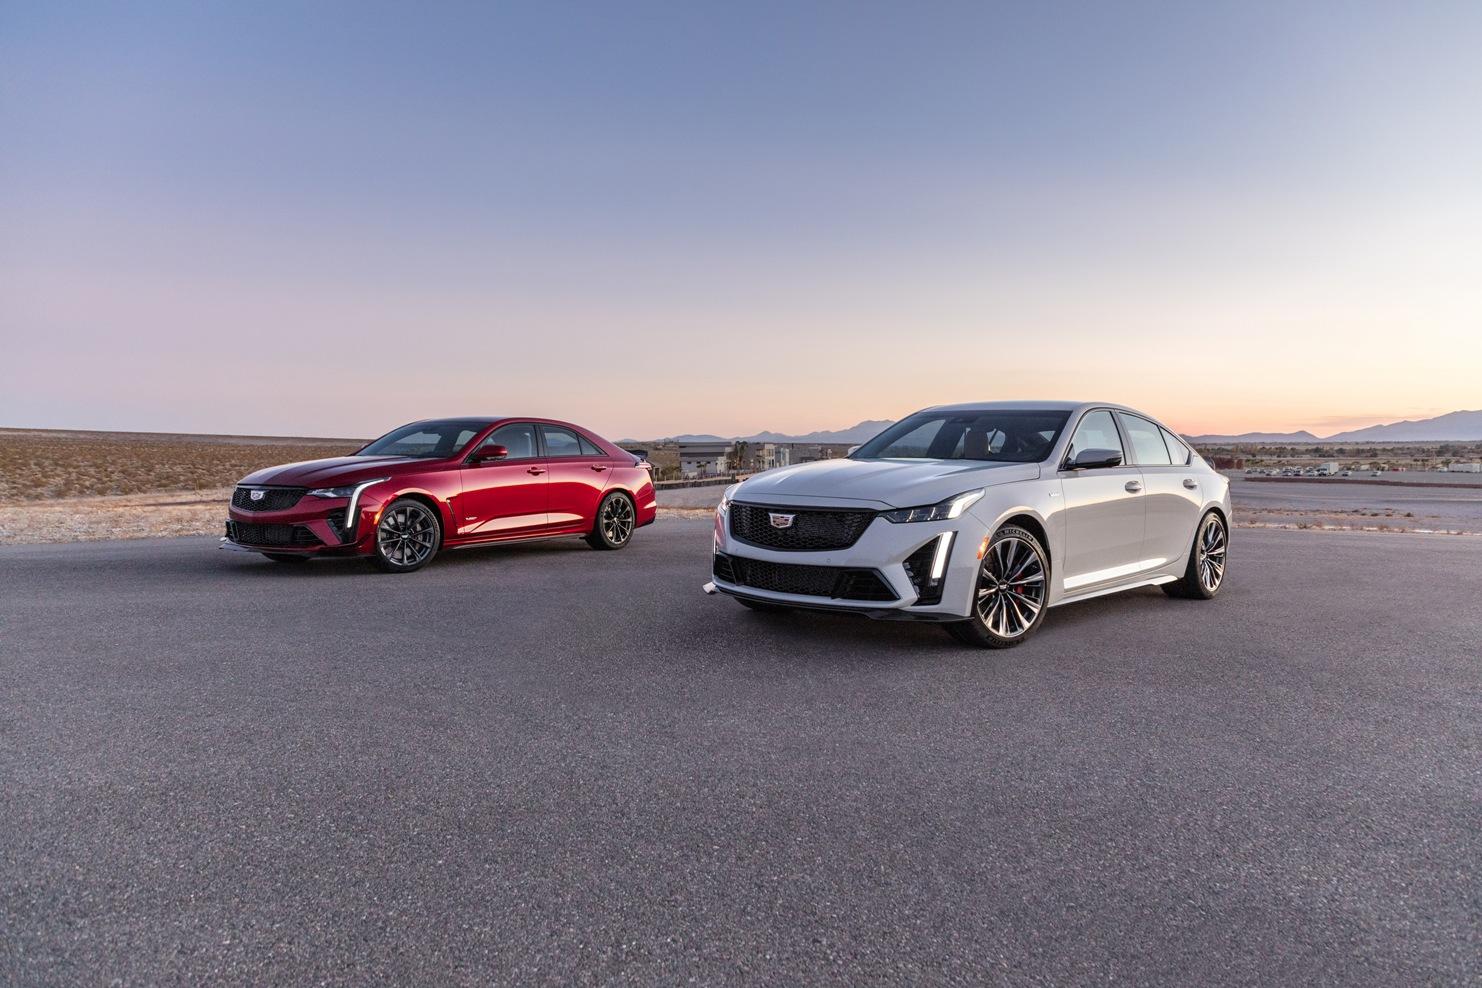 2022 Cadillac CT4-V and CT5-V Blackwings